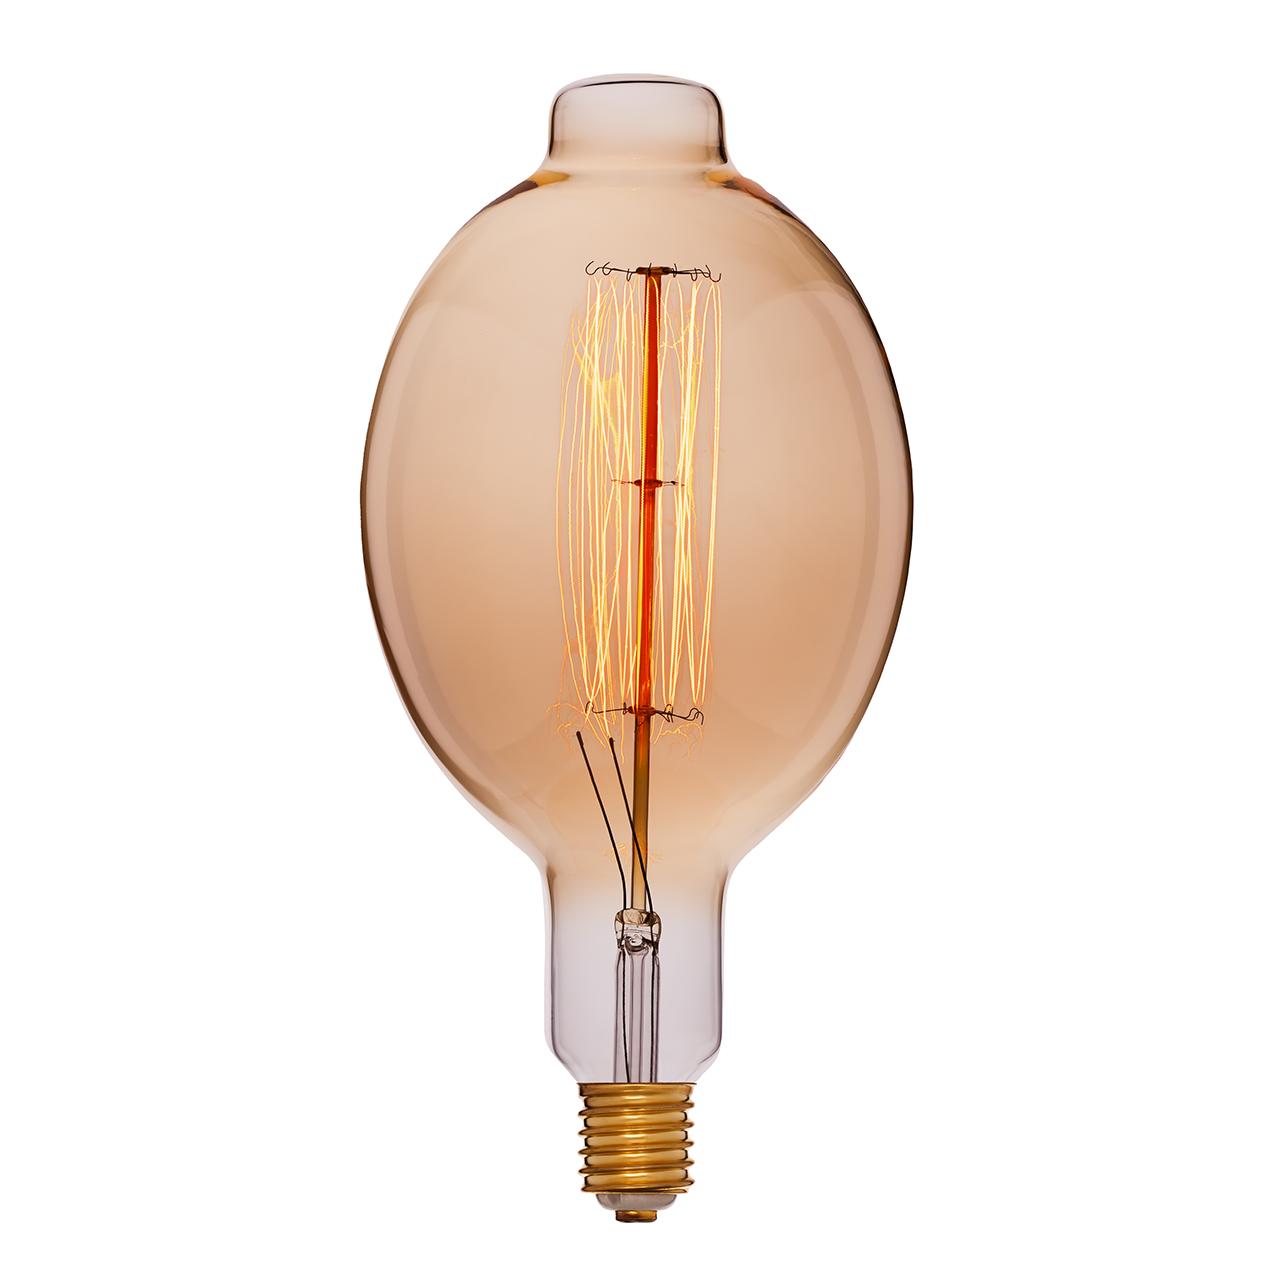 Гигантские ретро лампы Эдиссона